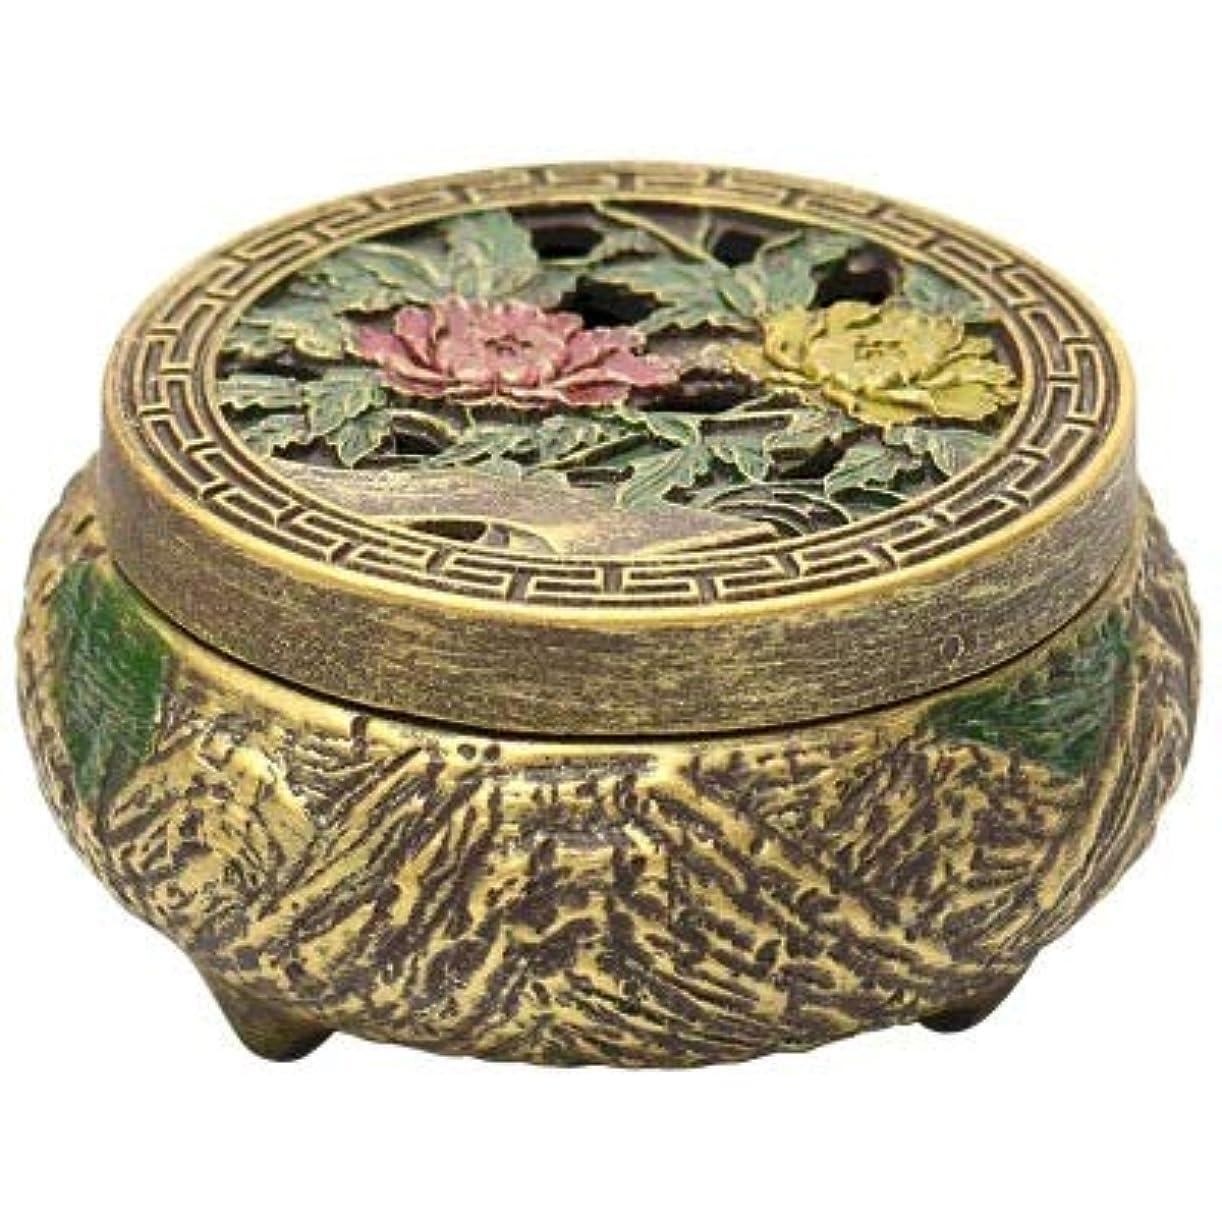 相対サイズ毒エキサイティングPHILOGOD 香炉 仏壇用線香立て エンボス加工印刷する 香置物 香皿 (Brown1)